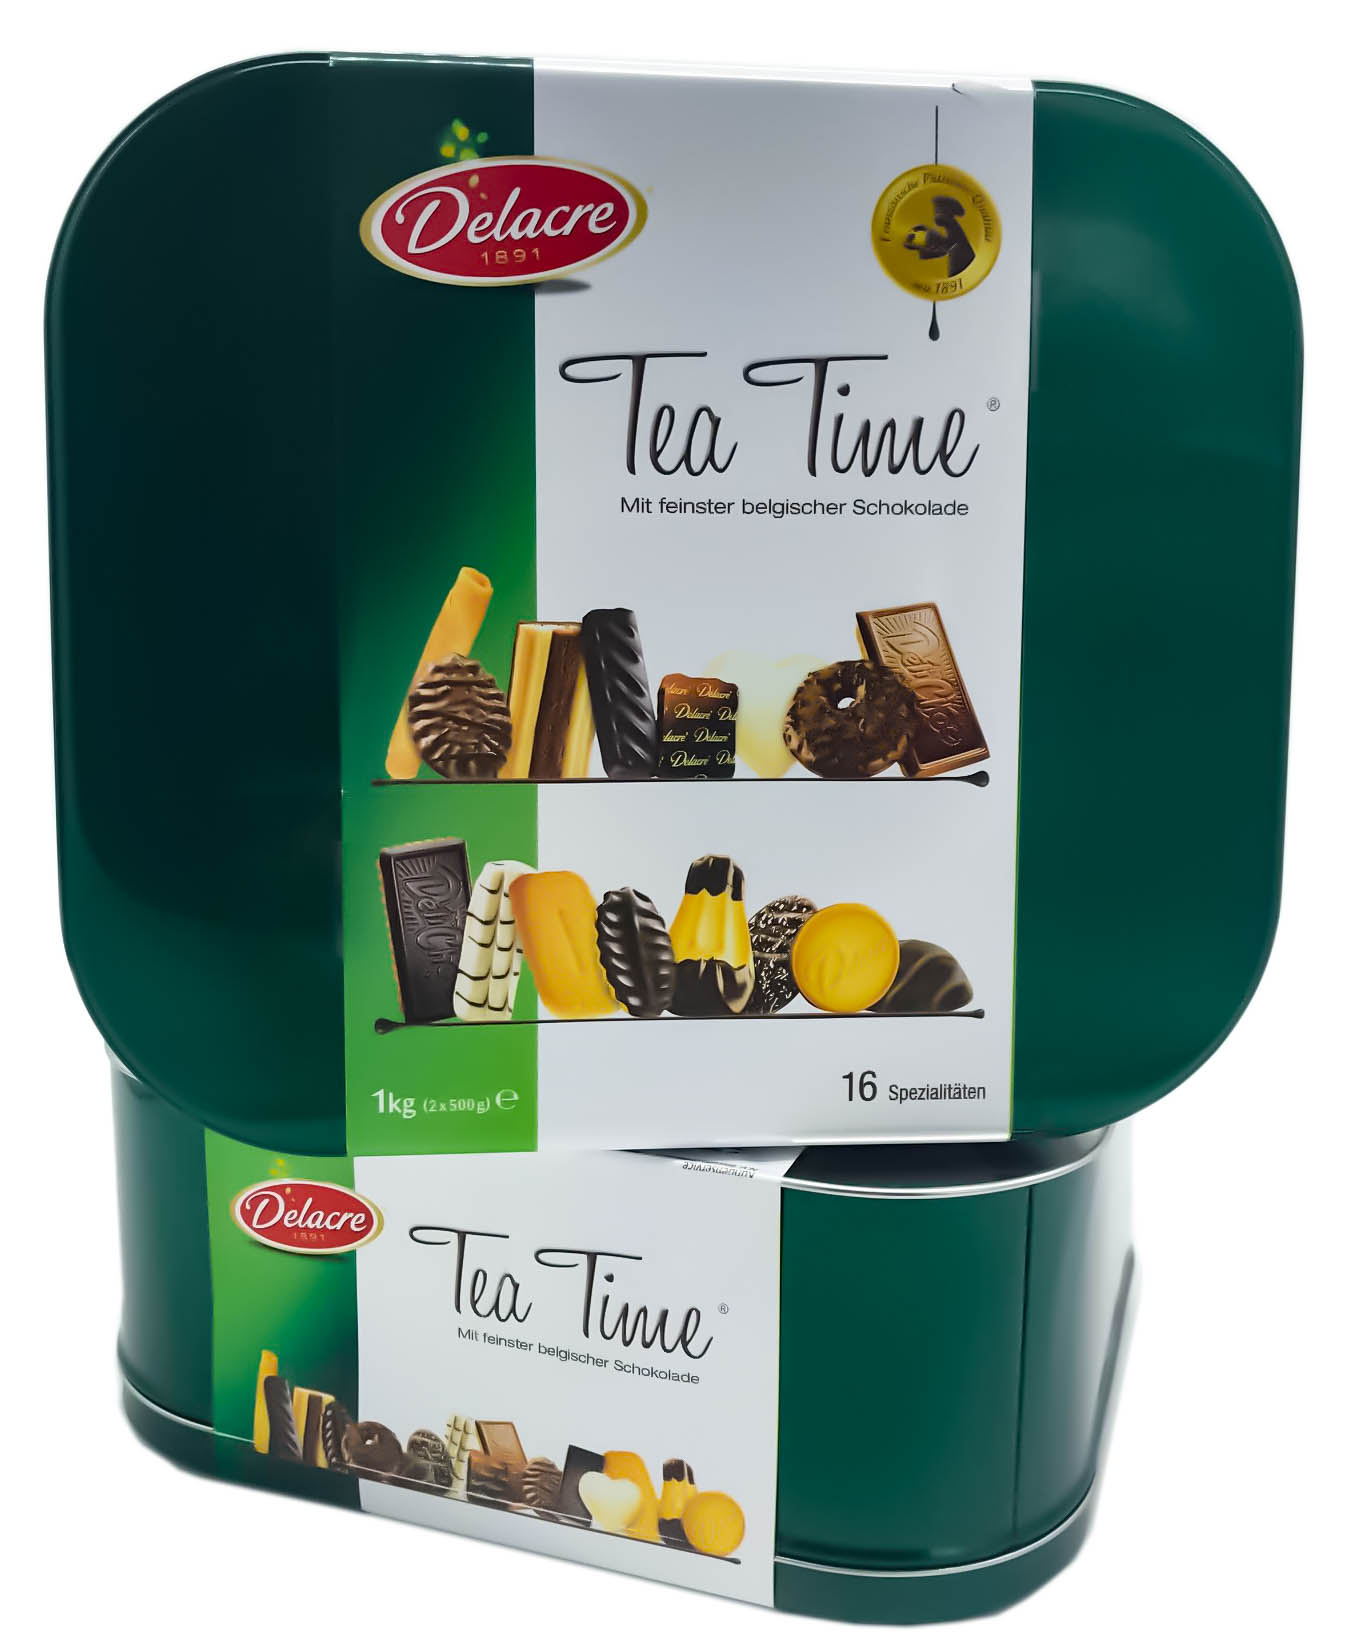 Delacre Tea Time Kekse 1kg